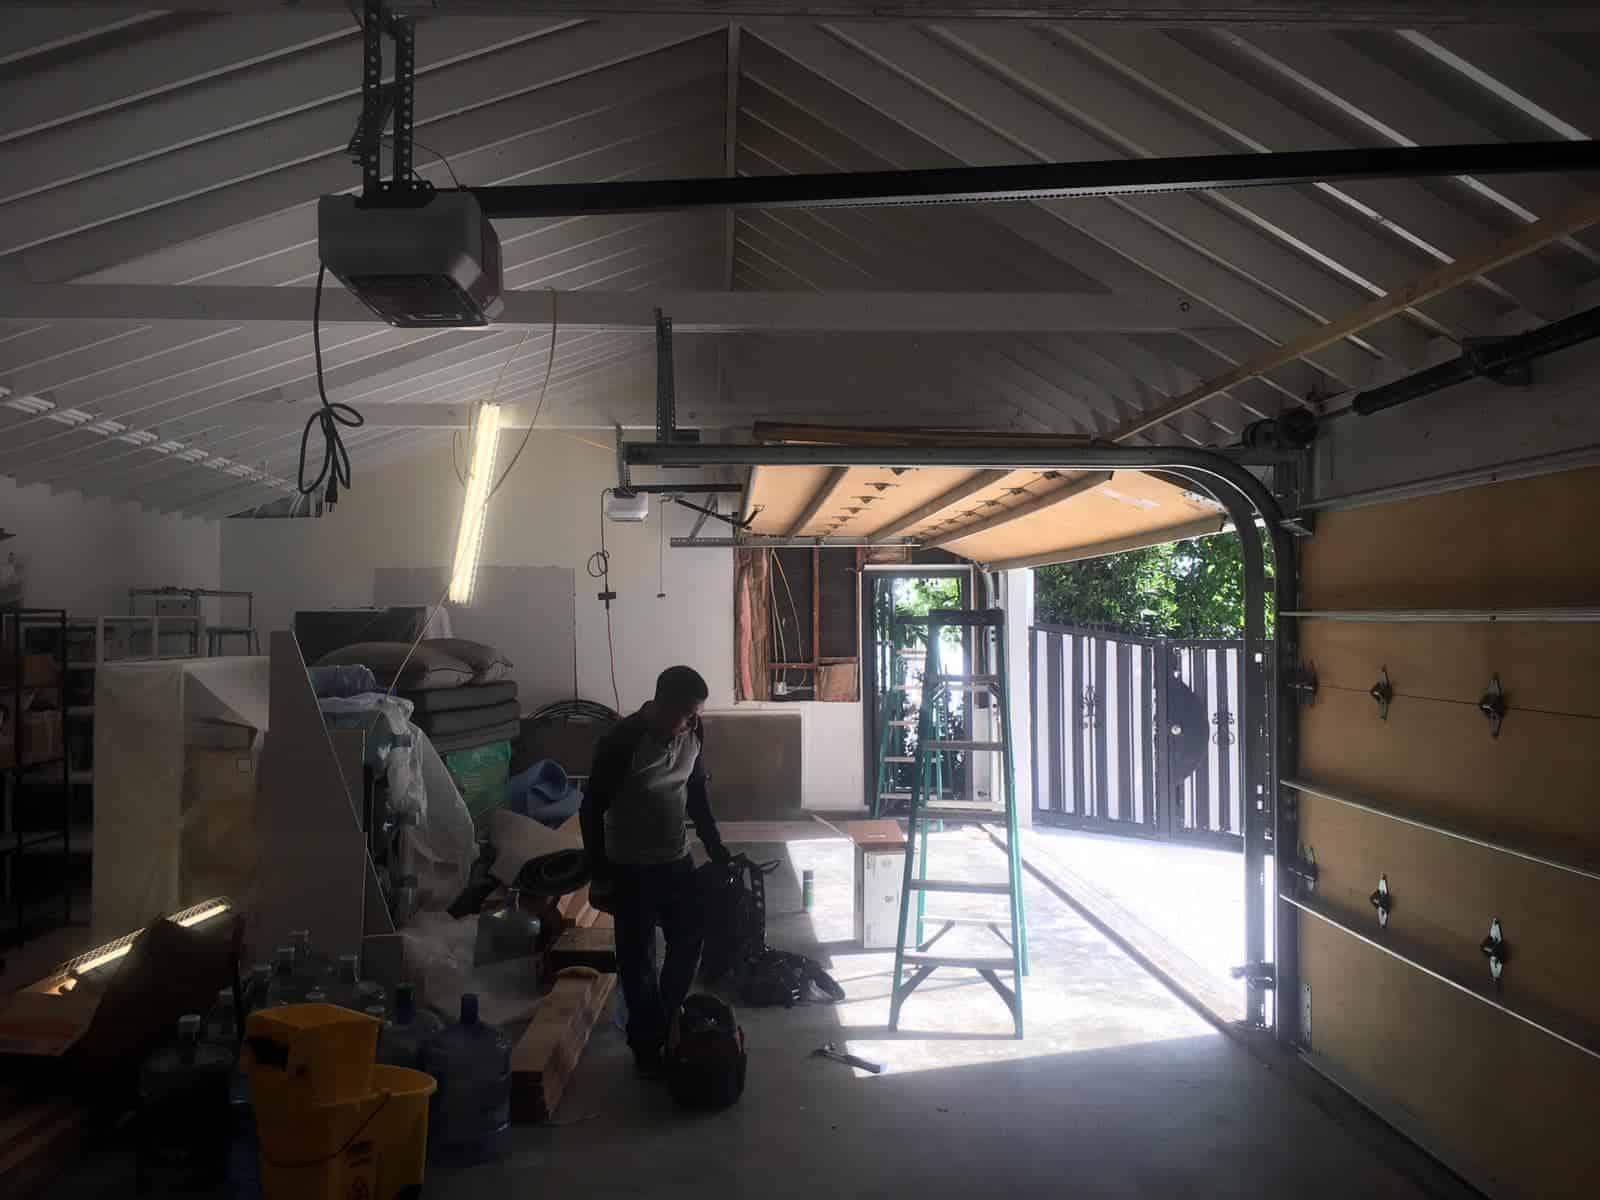 Medina WA Garage Door Repair & Replacement